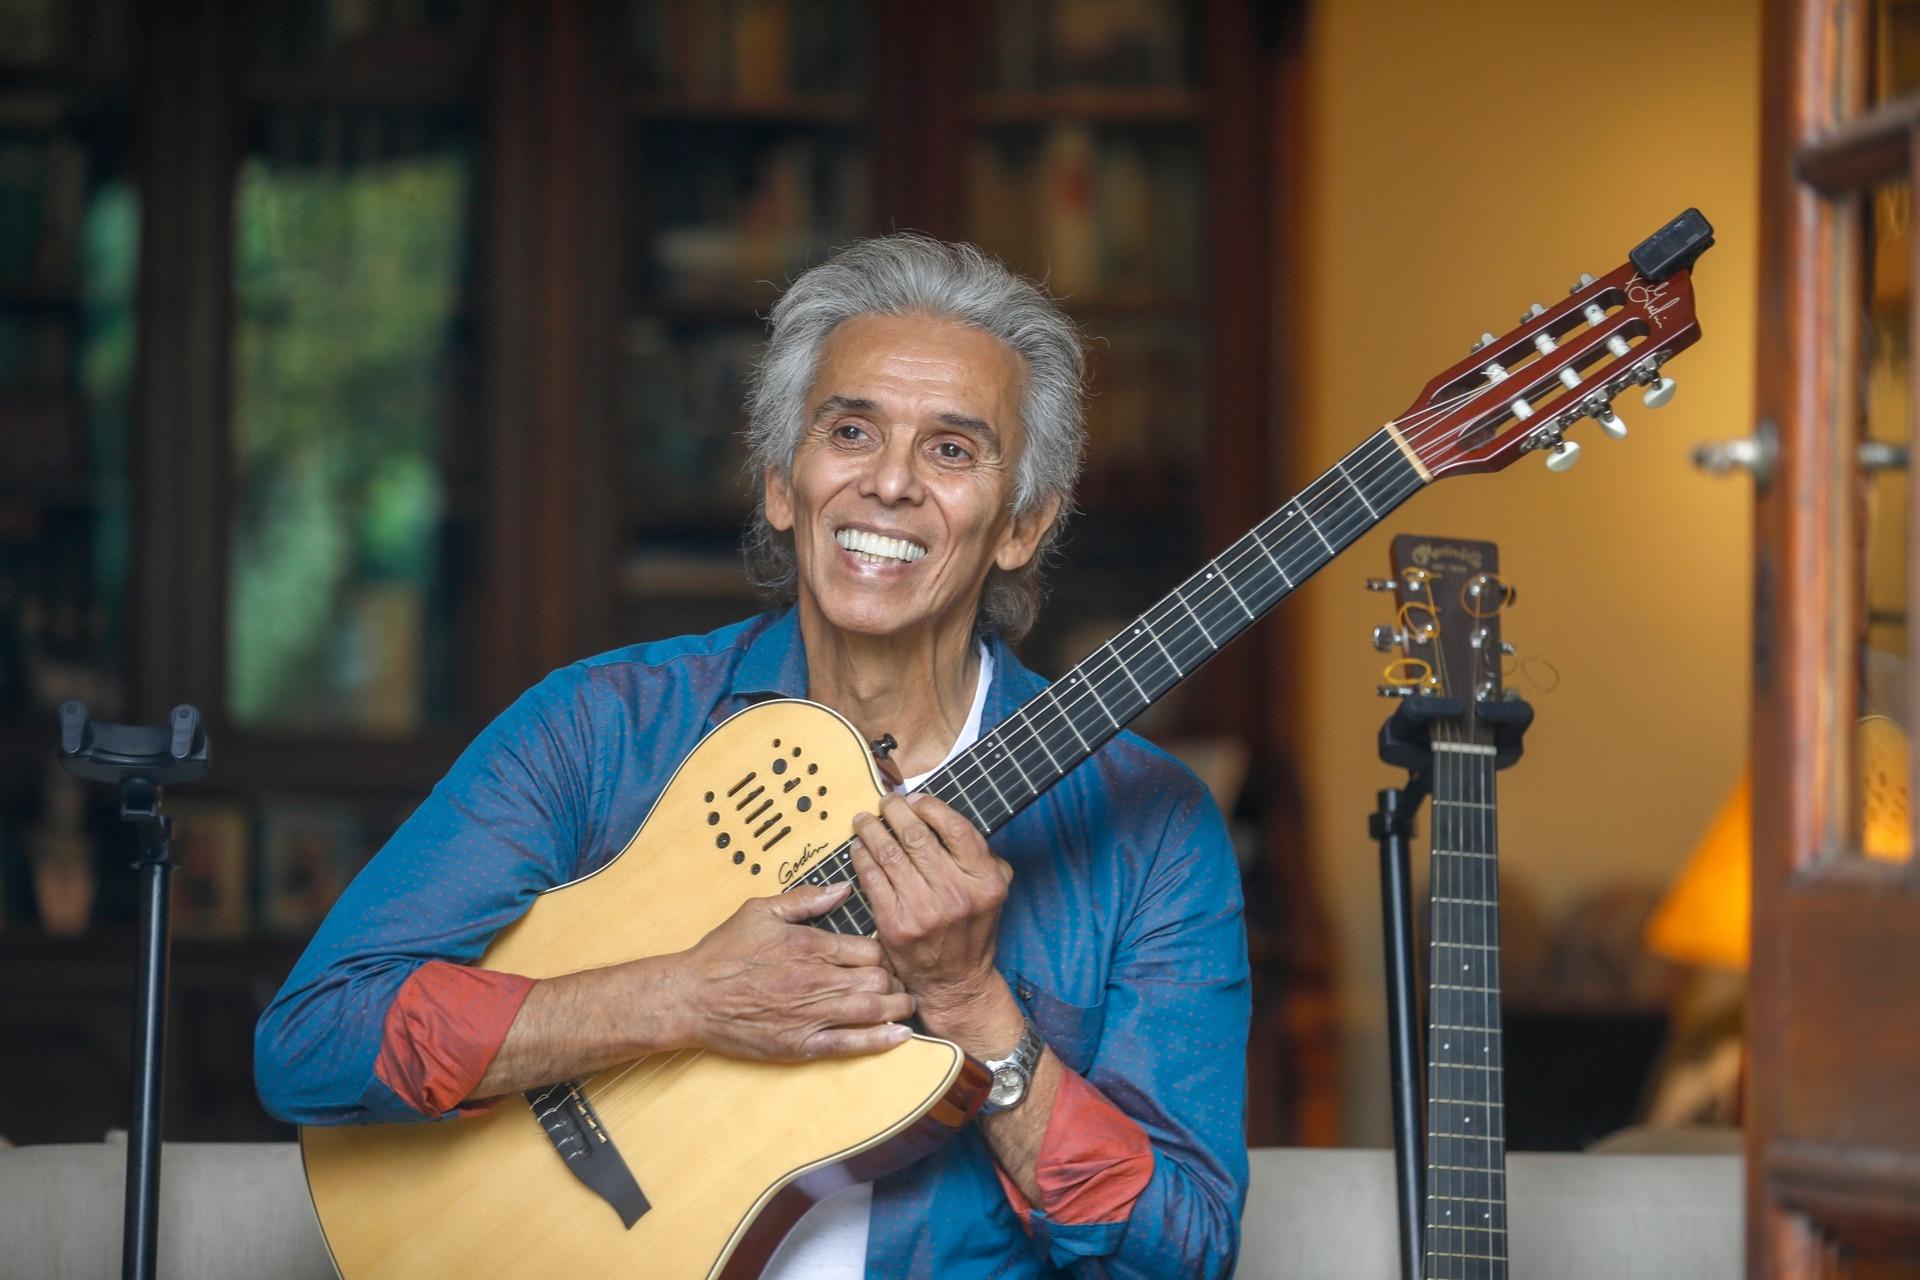 """Grabó 800 canciones en 5 idiomas distintos, pero a la hora de elegir una sola no duda: """"La milonga del trovador"""" porque, dice, """"Ferrer y Piazzolla la compusieron para mí"""""""